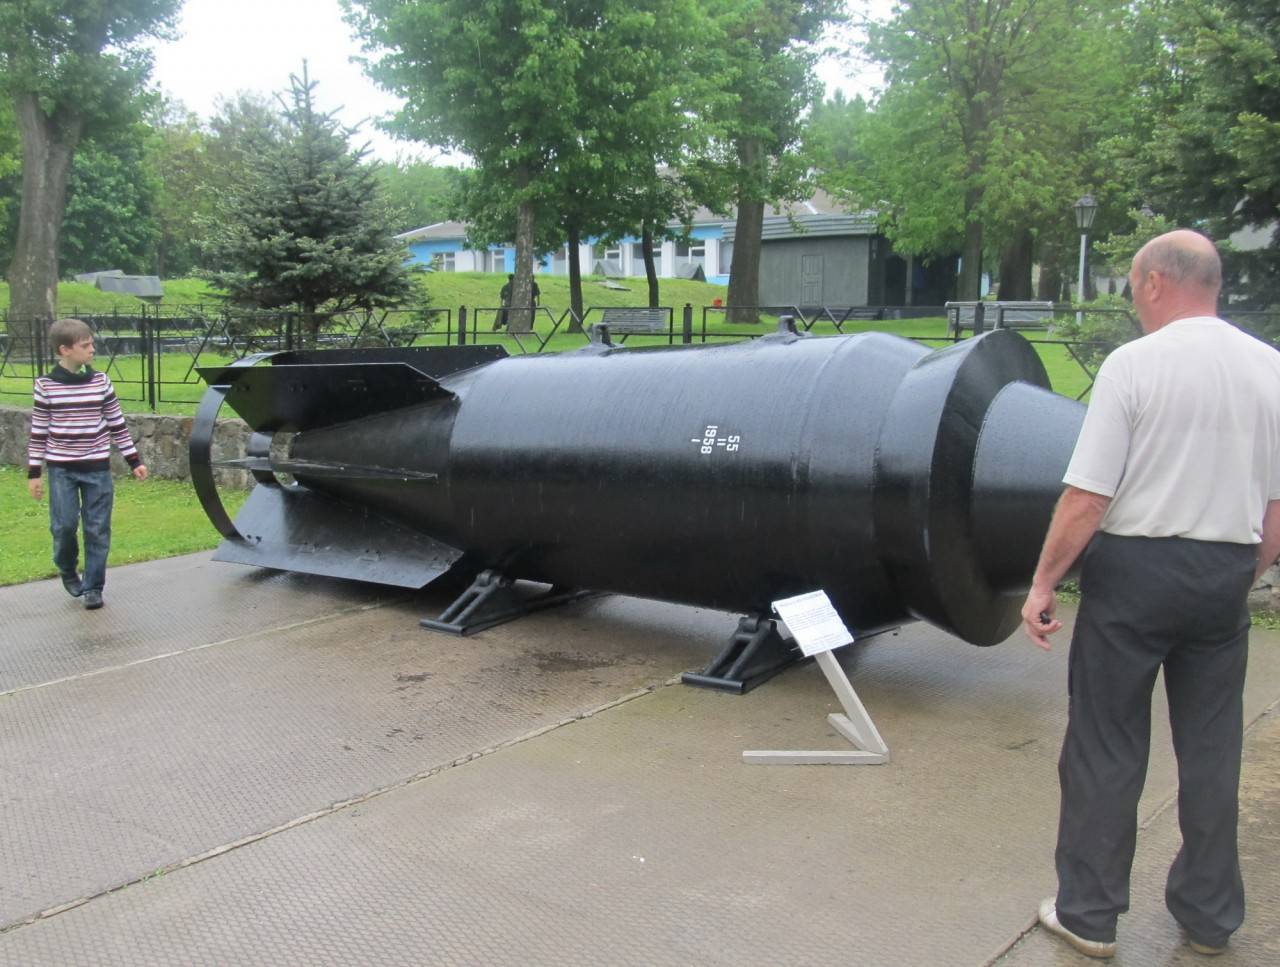 Принципы и устройство подводной лодки — википедия с видео // wiki 2